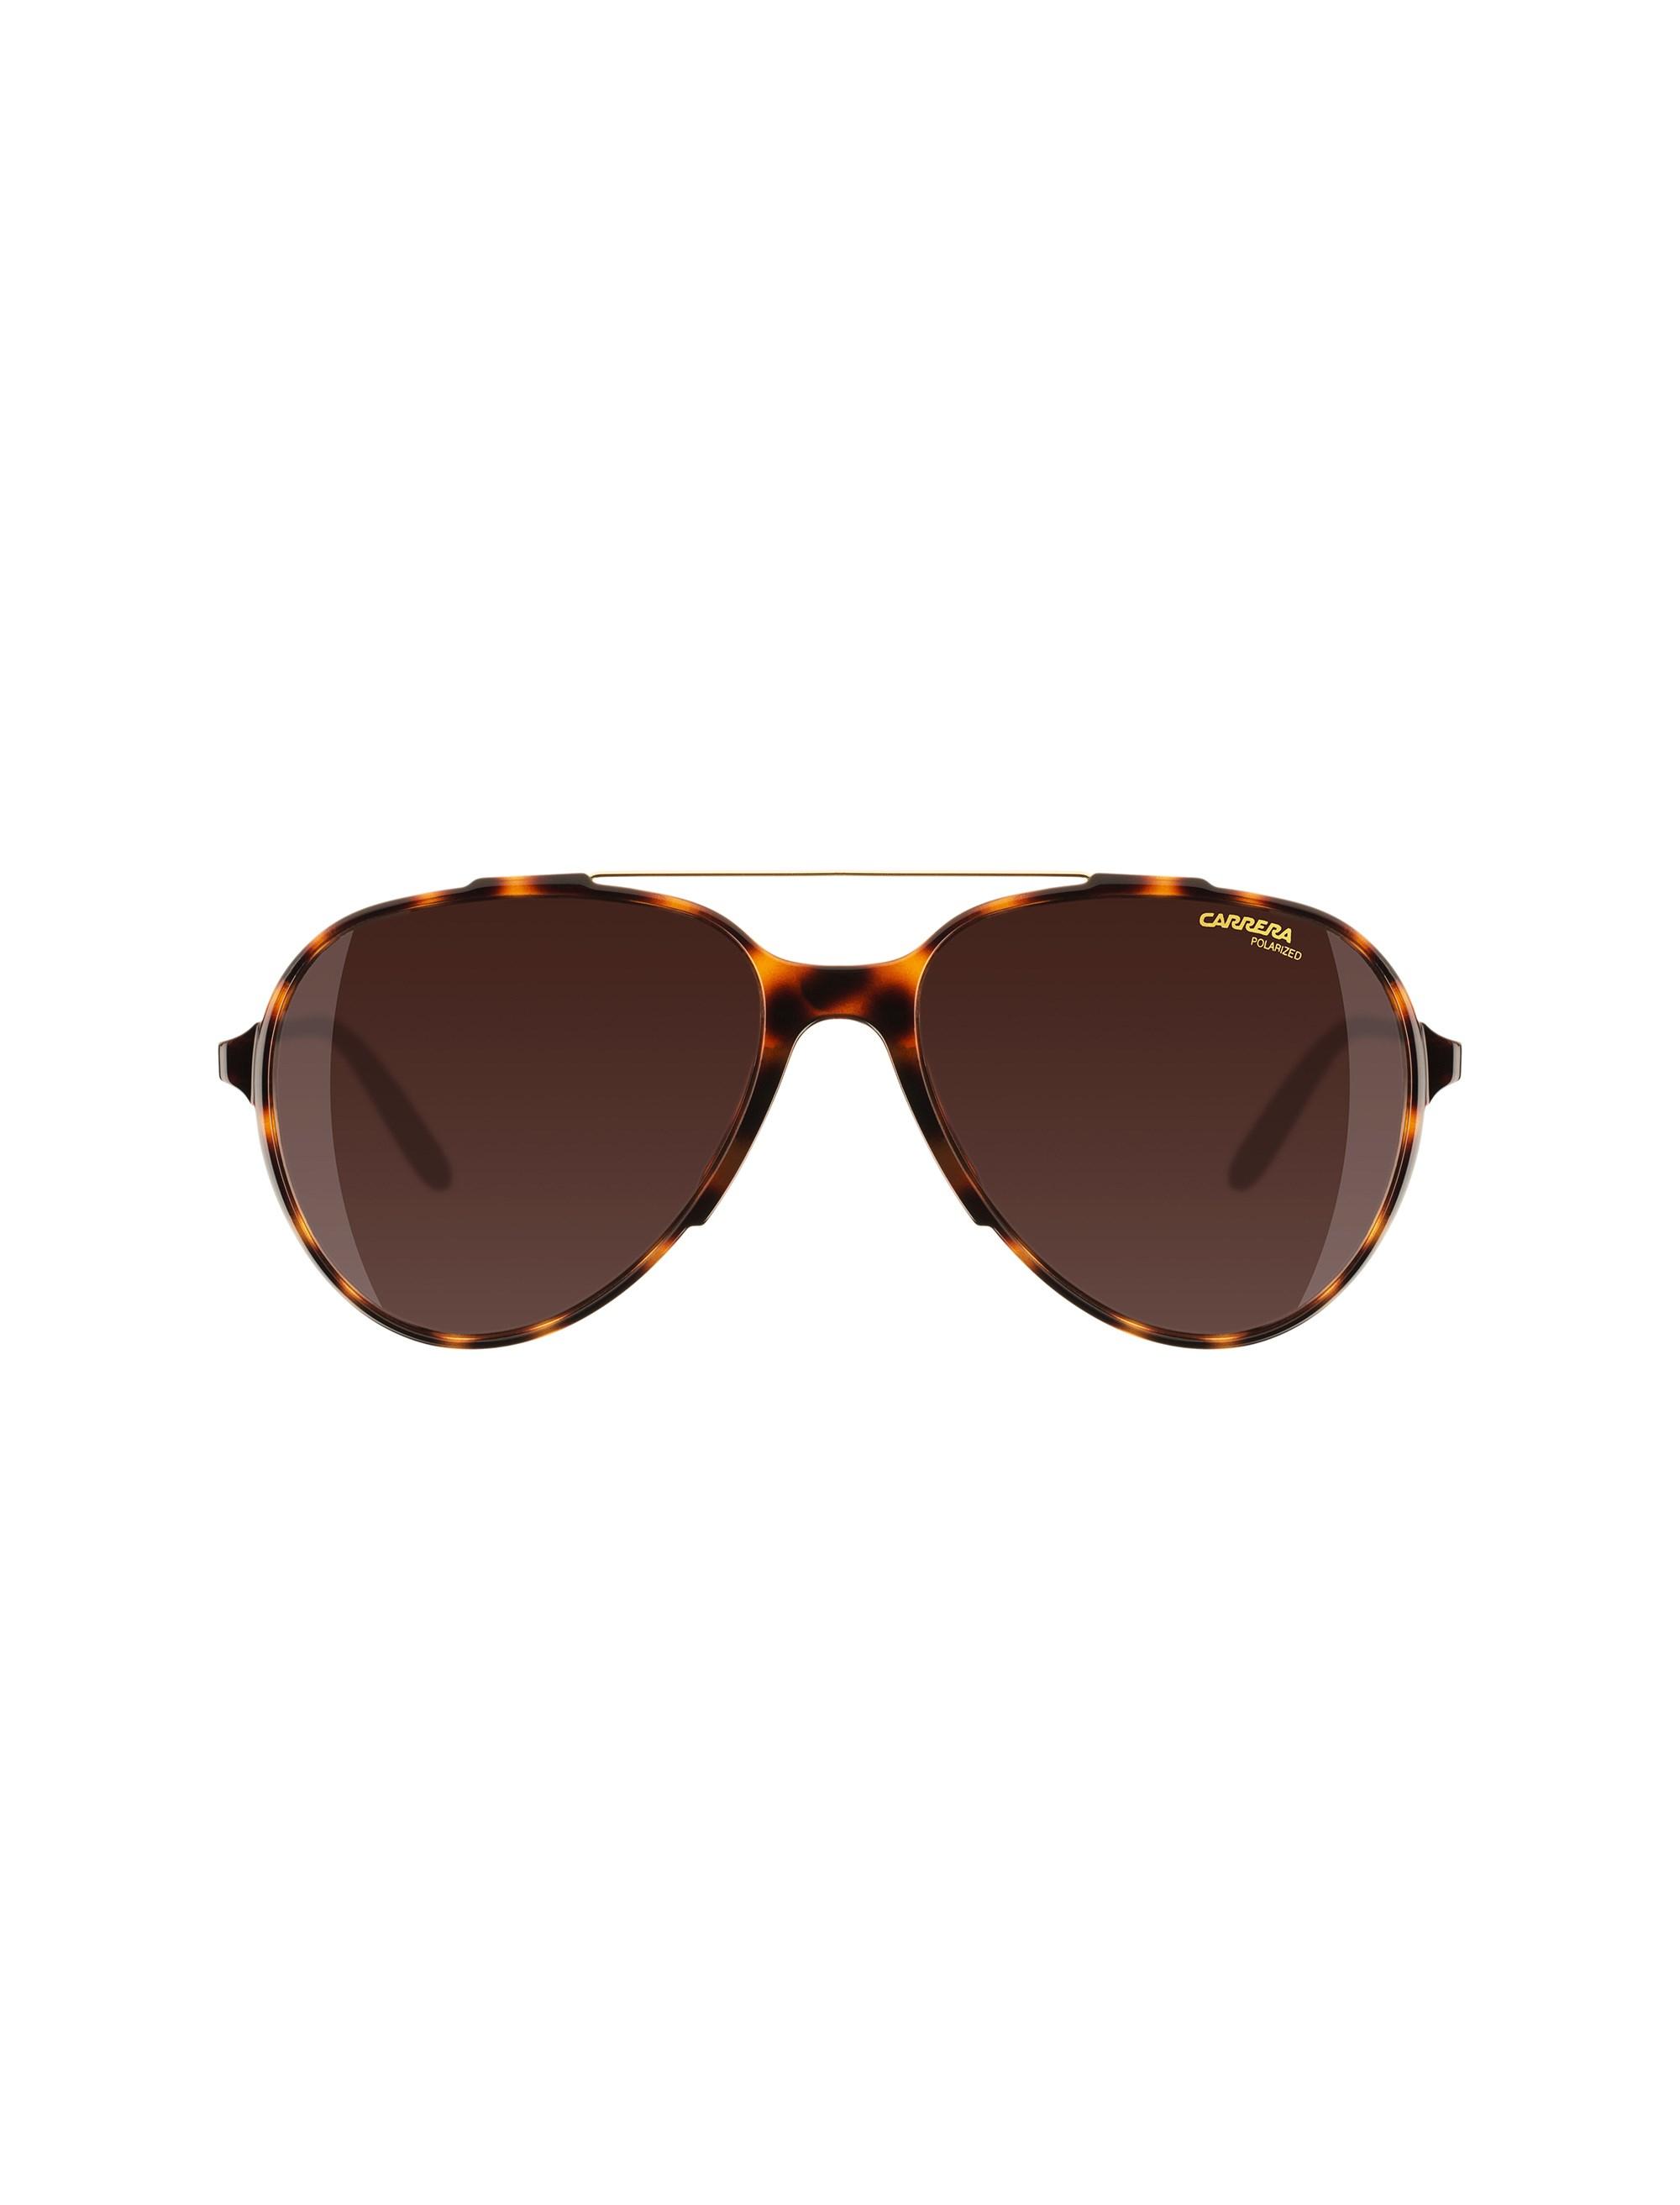 عینک آفتابی خلبانی مردانه - کاررا